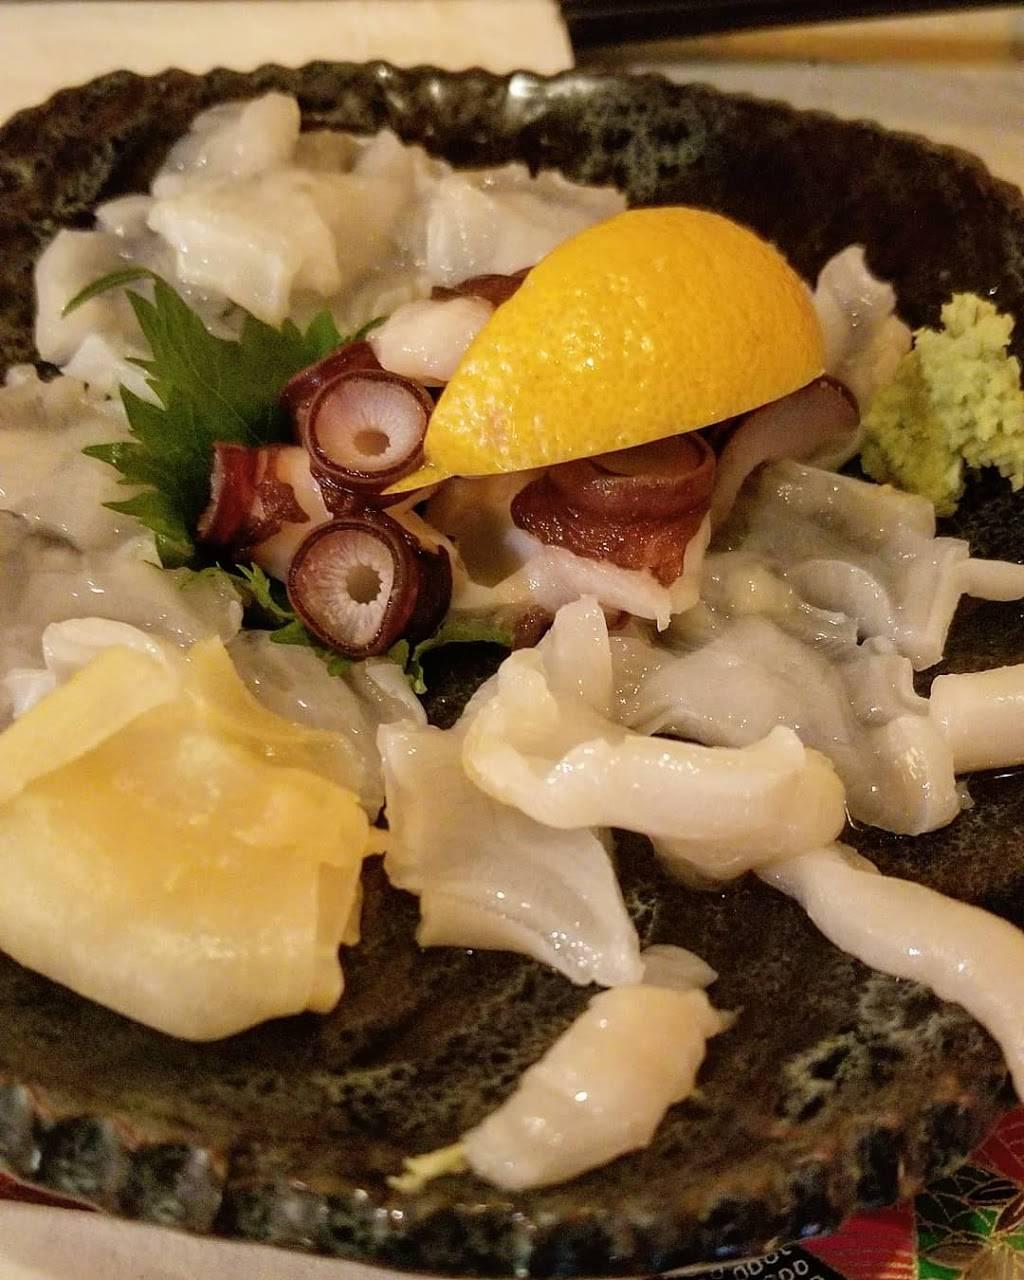 Inase | restaurant | 1586 1st Avenue #2, New York, NY 10028, USA | 2126281238 OR +1 212-628-1238